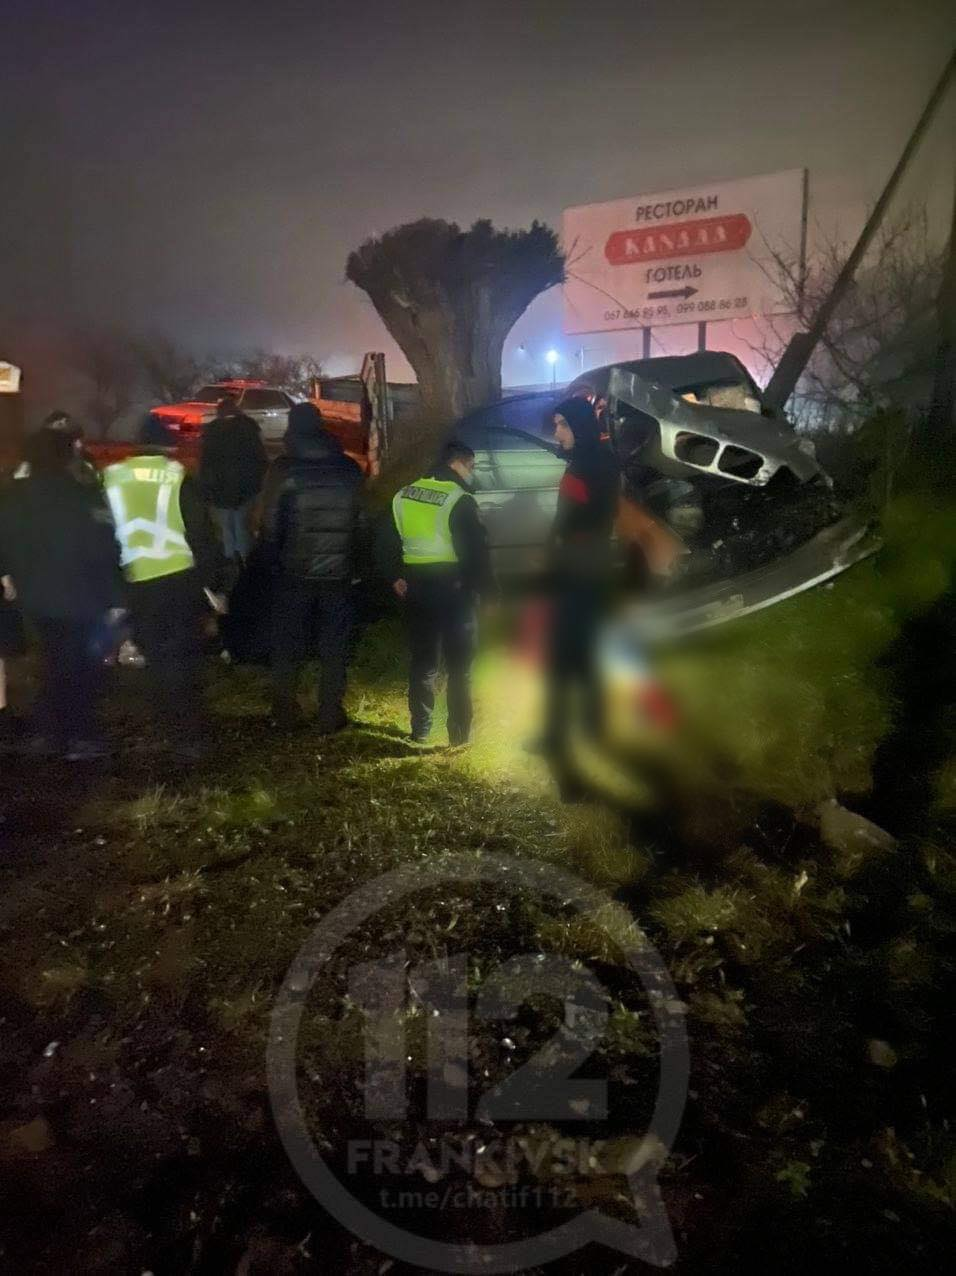 Є загиблий і травмовані: вночі на дорозі Франківськ-Надвірна перекинувся BMW (ФОТО, ОНОВЛЕНО)